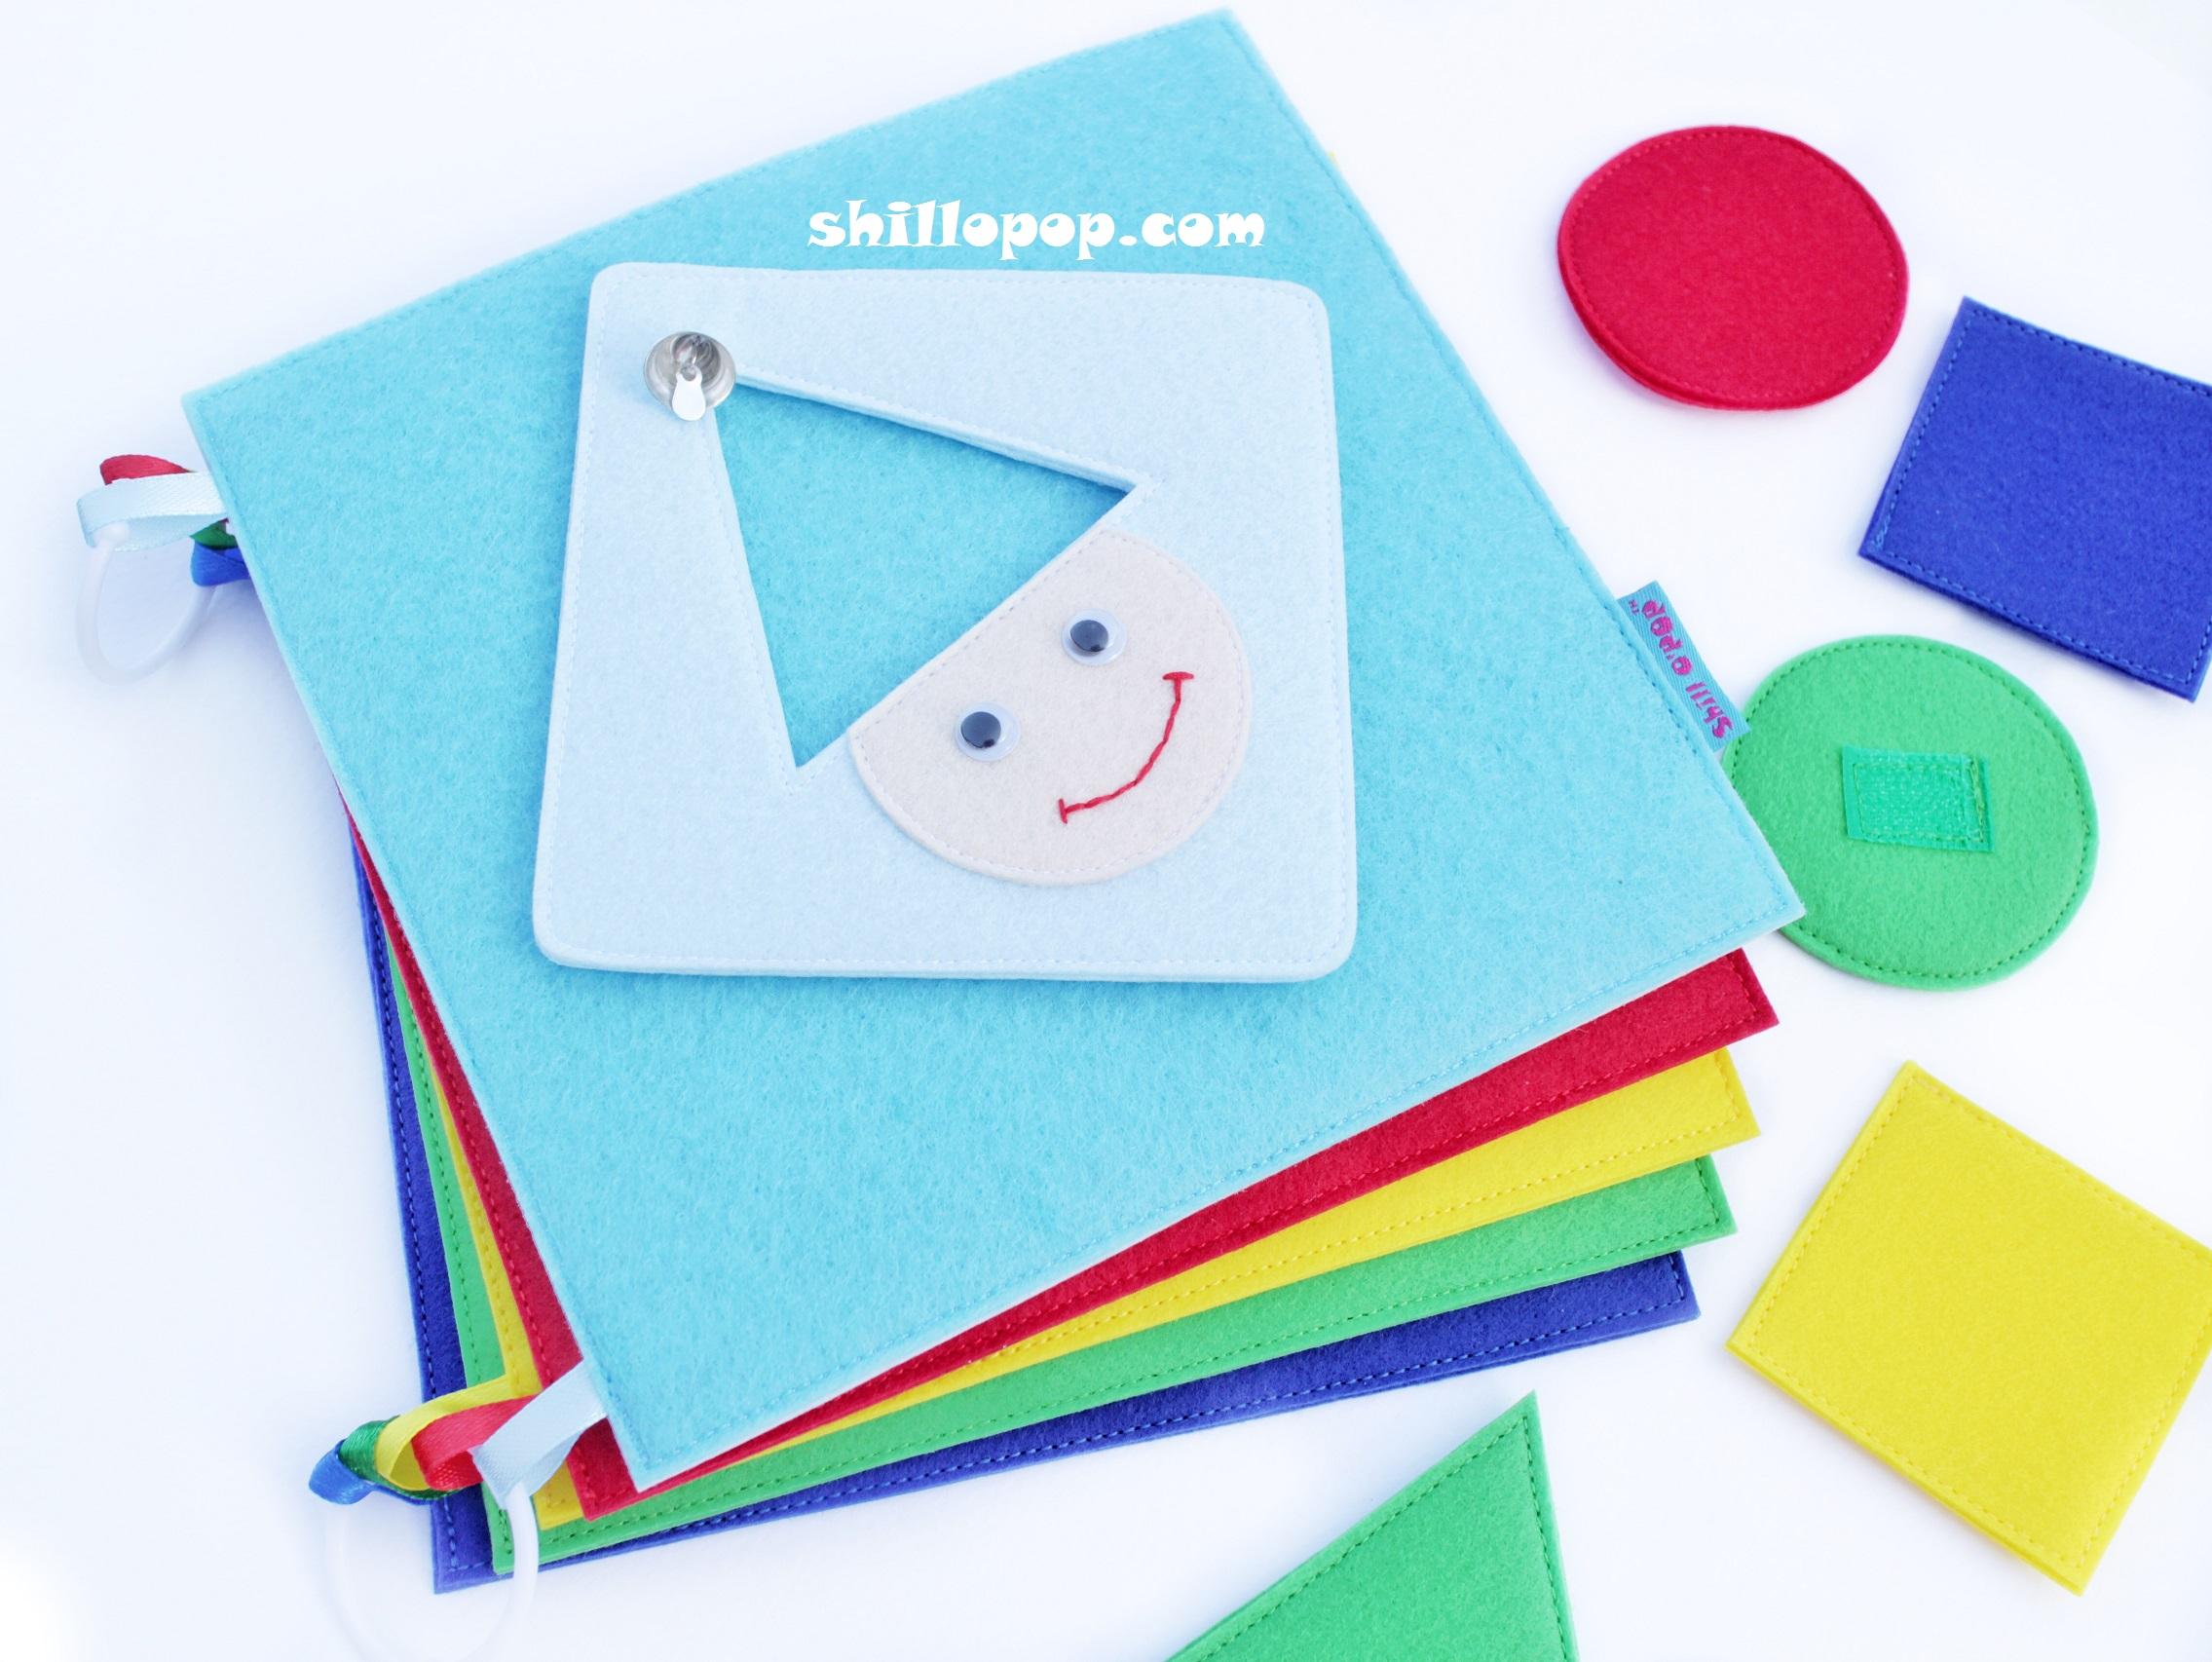 выкройки развивающей книжки из фетра мастер-класс цвет форма величина